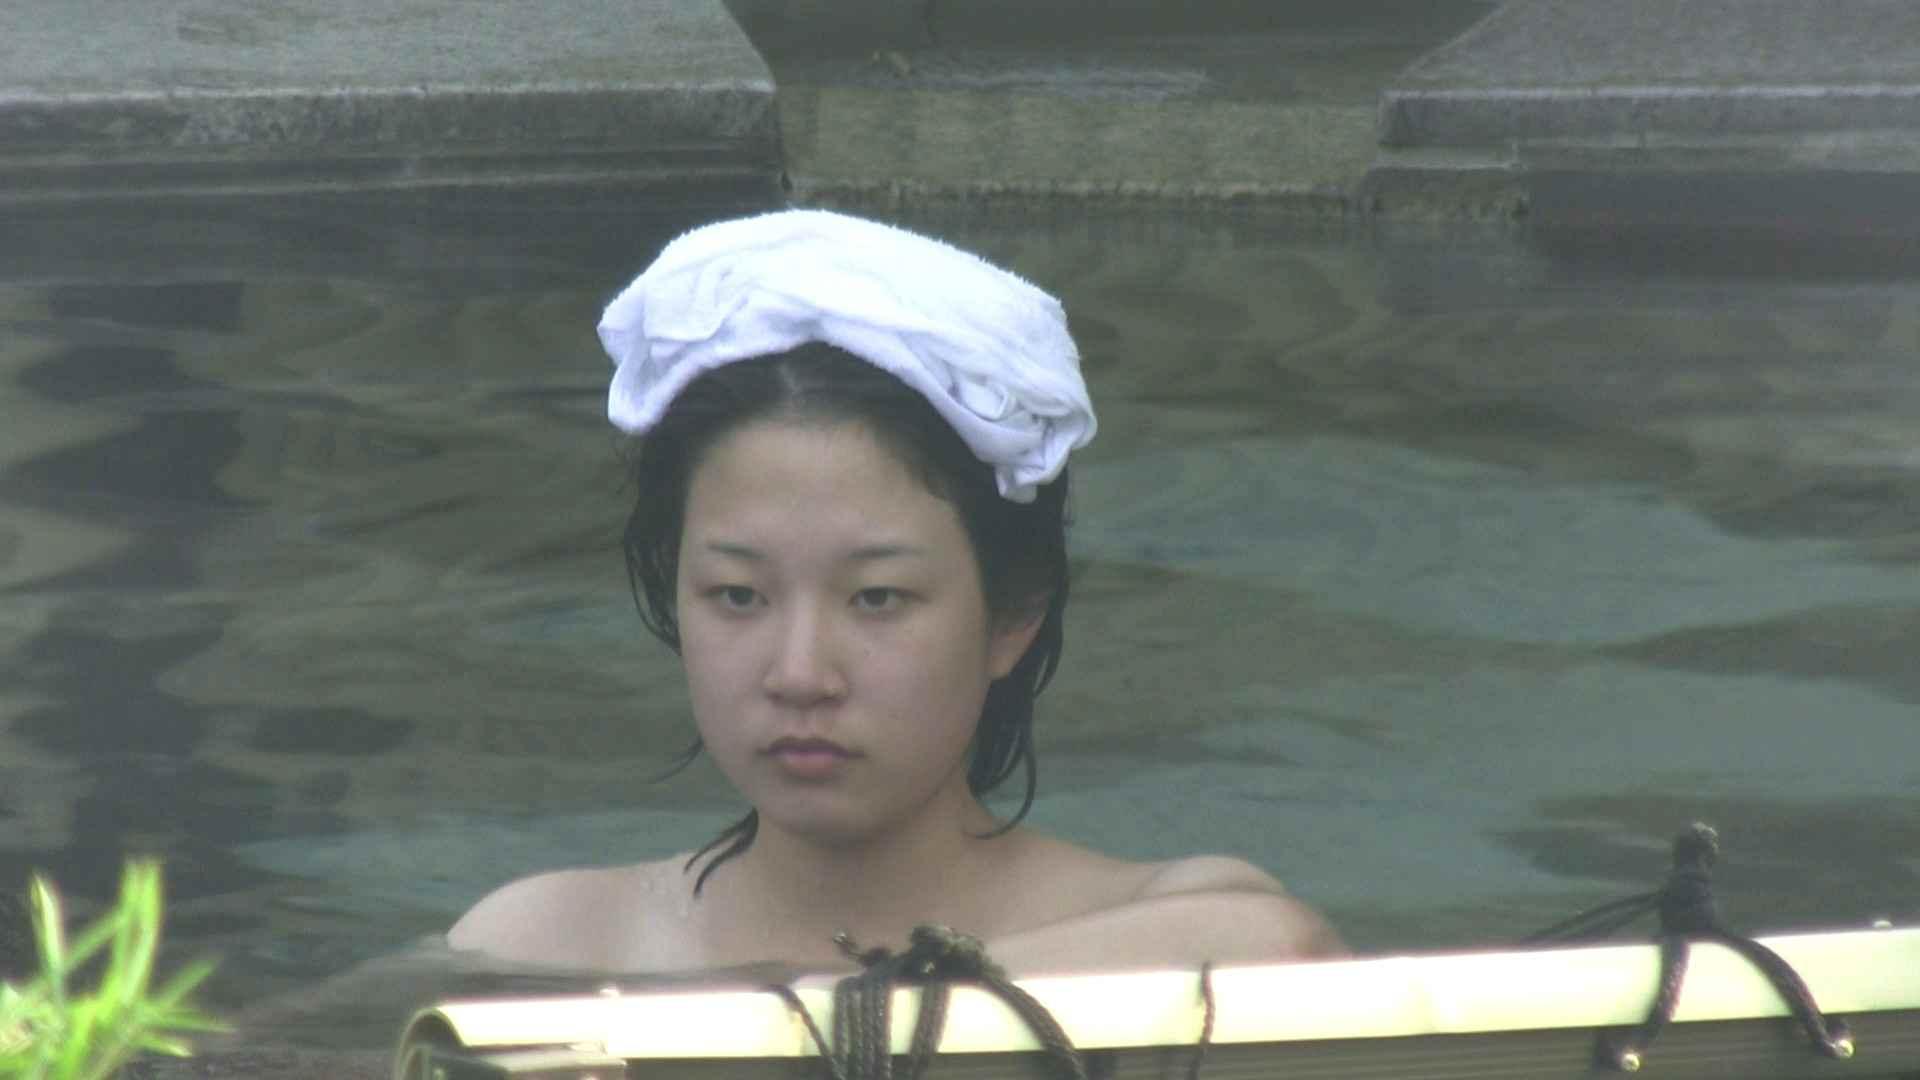 Aquaな露天風呂Vol.172 盗撮動画 | 露天風呂  11枚 7